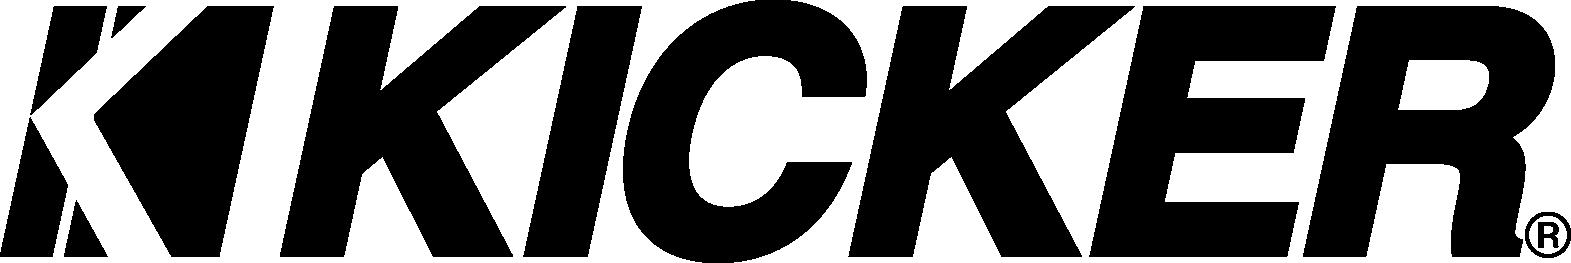 Kicker-Logo.png